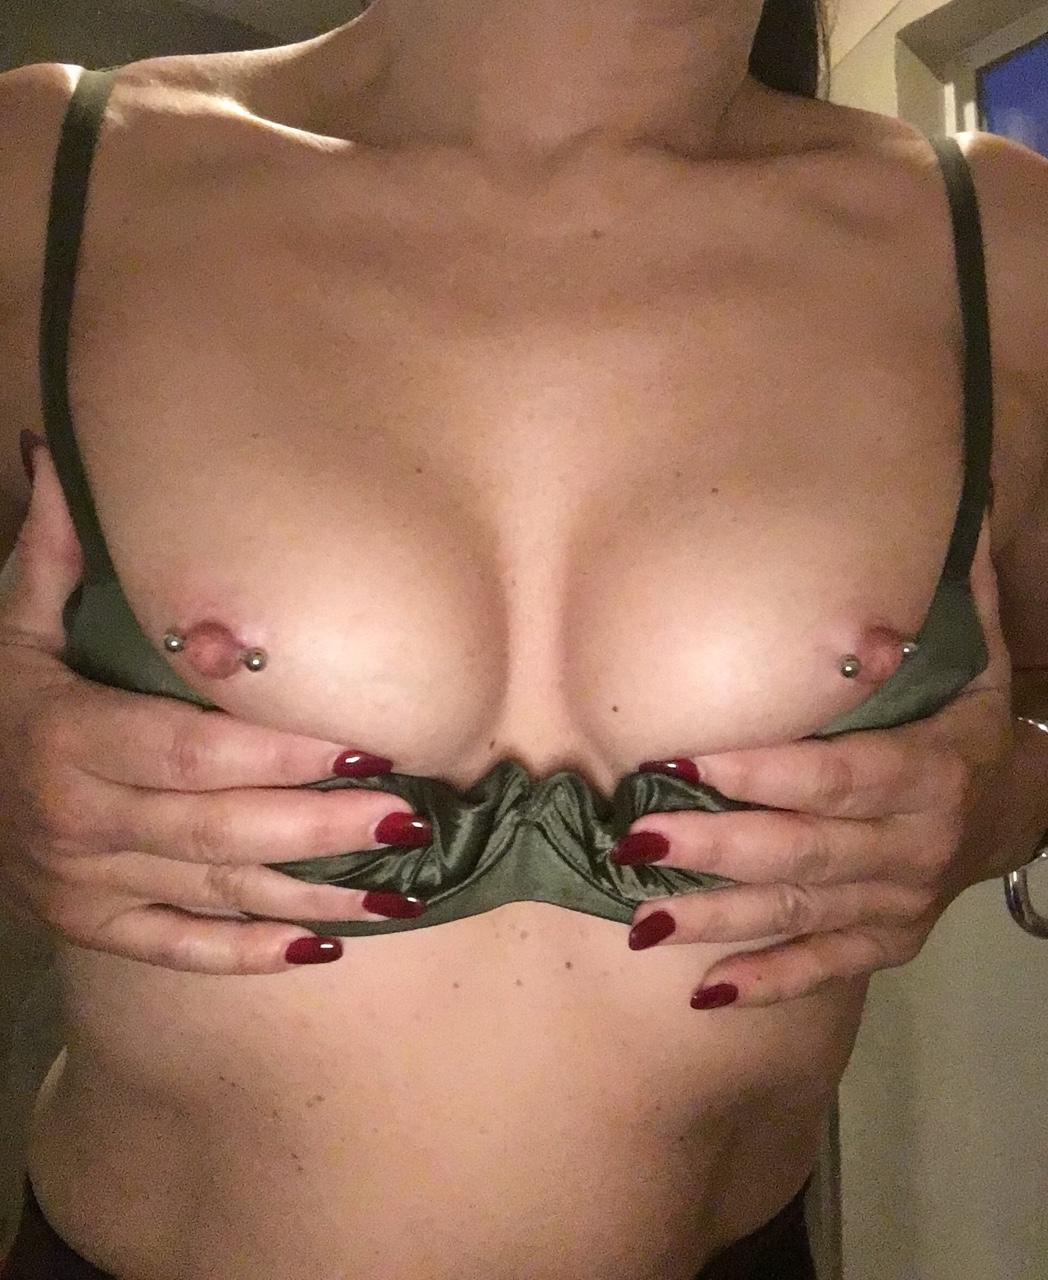 【乳首ピアスエロ画像】開けちゃったんだ…(´・ω・`)どこか残念貫通済み乳首